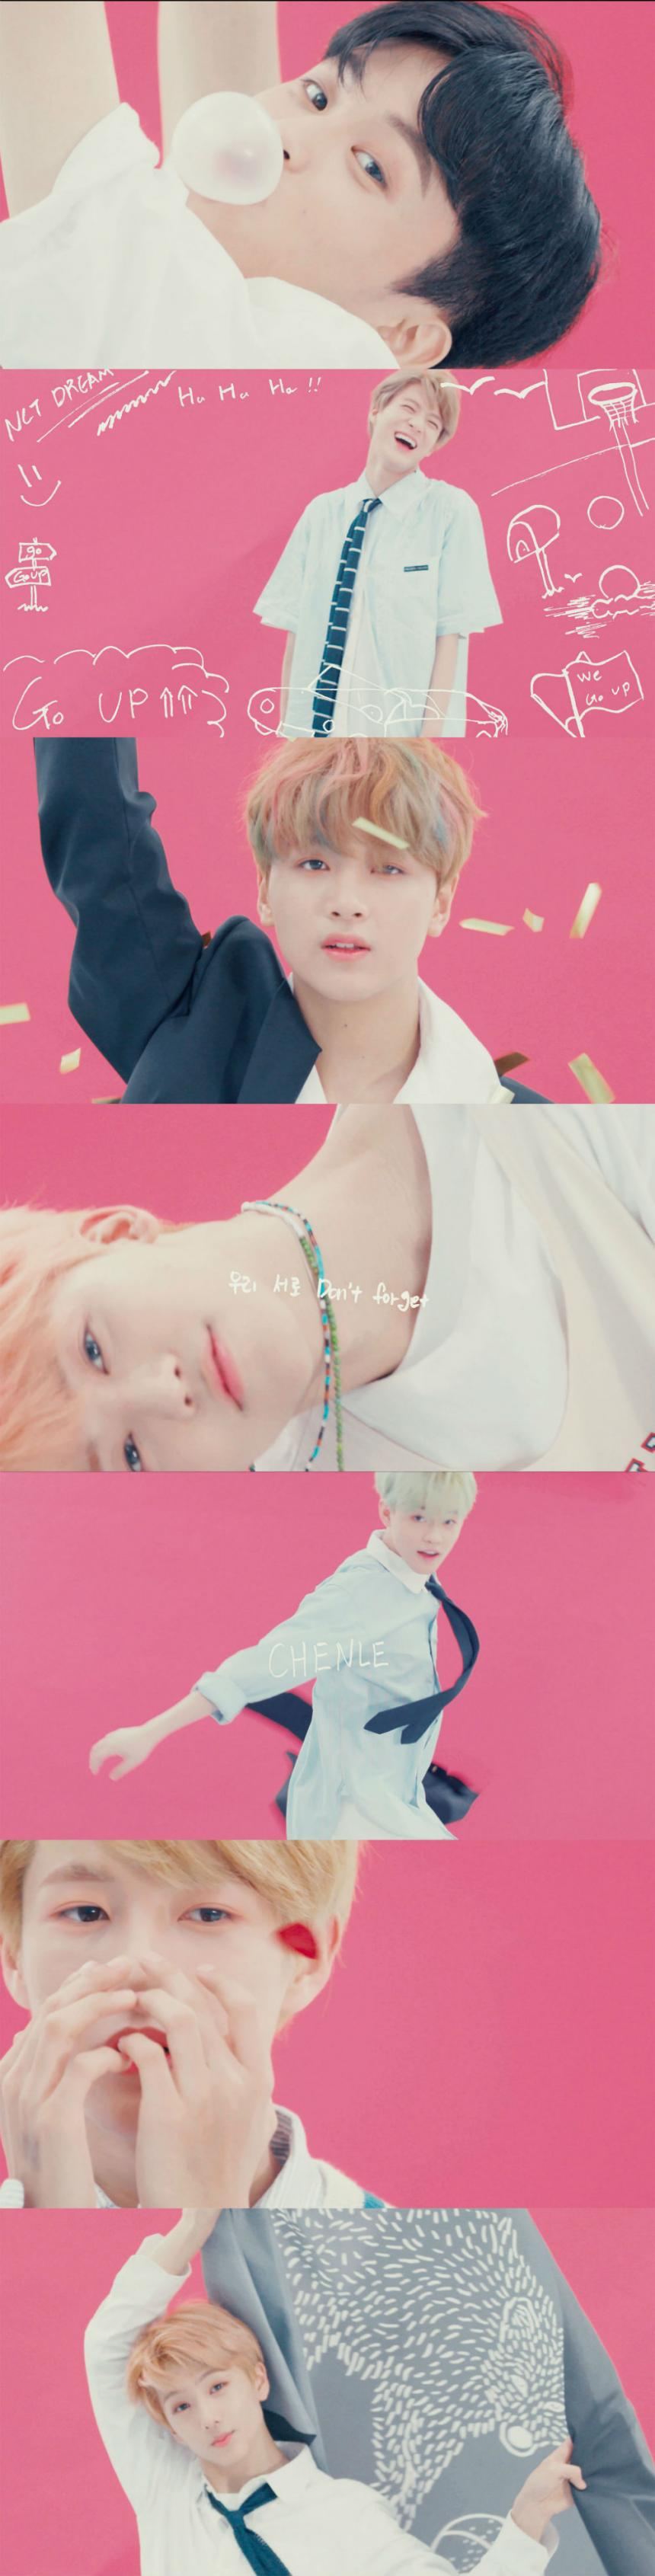 NCT DREAM(엔시티 드림) 티저 영상 캡처 / SM엔터테인먼트 제공